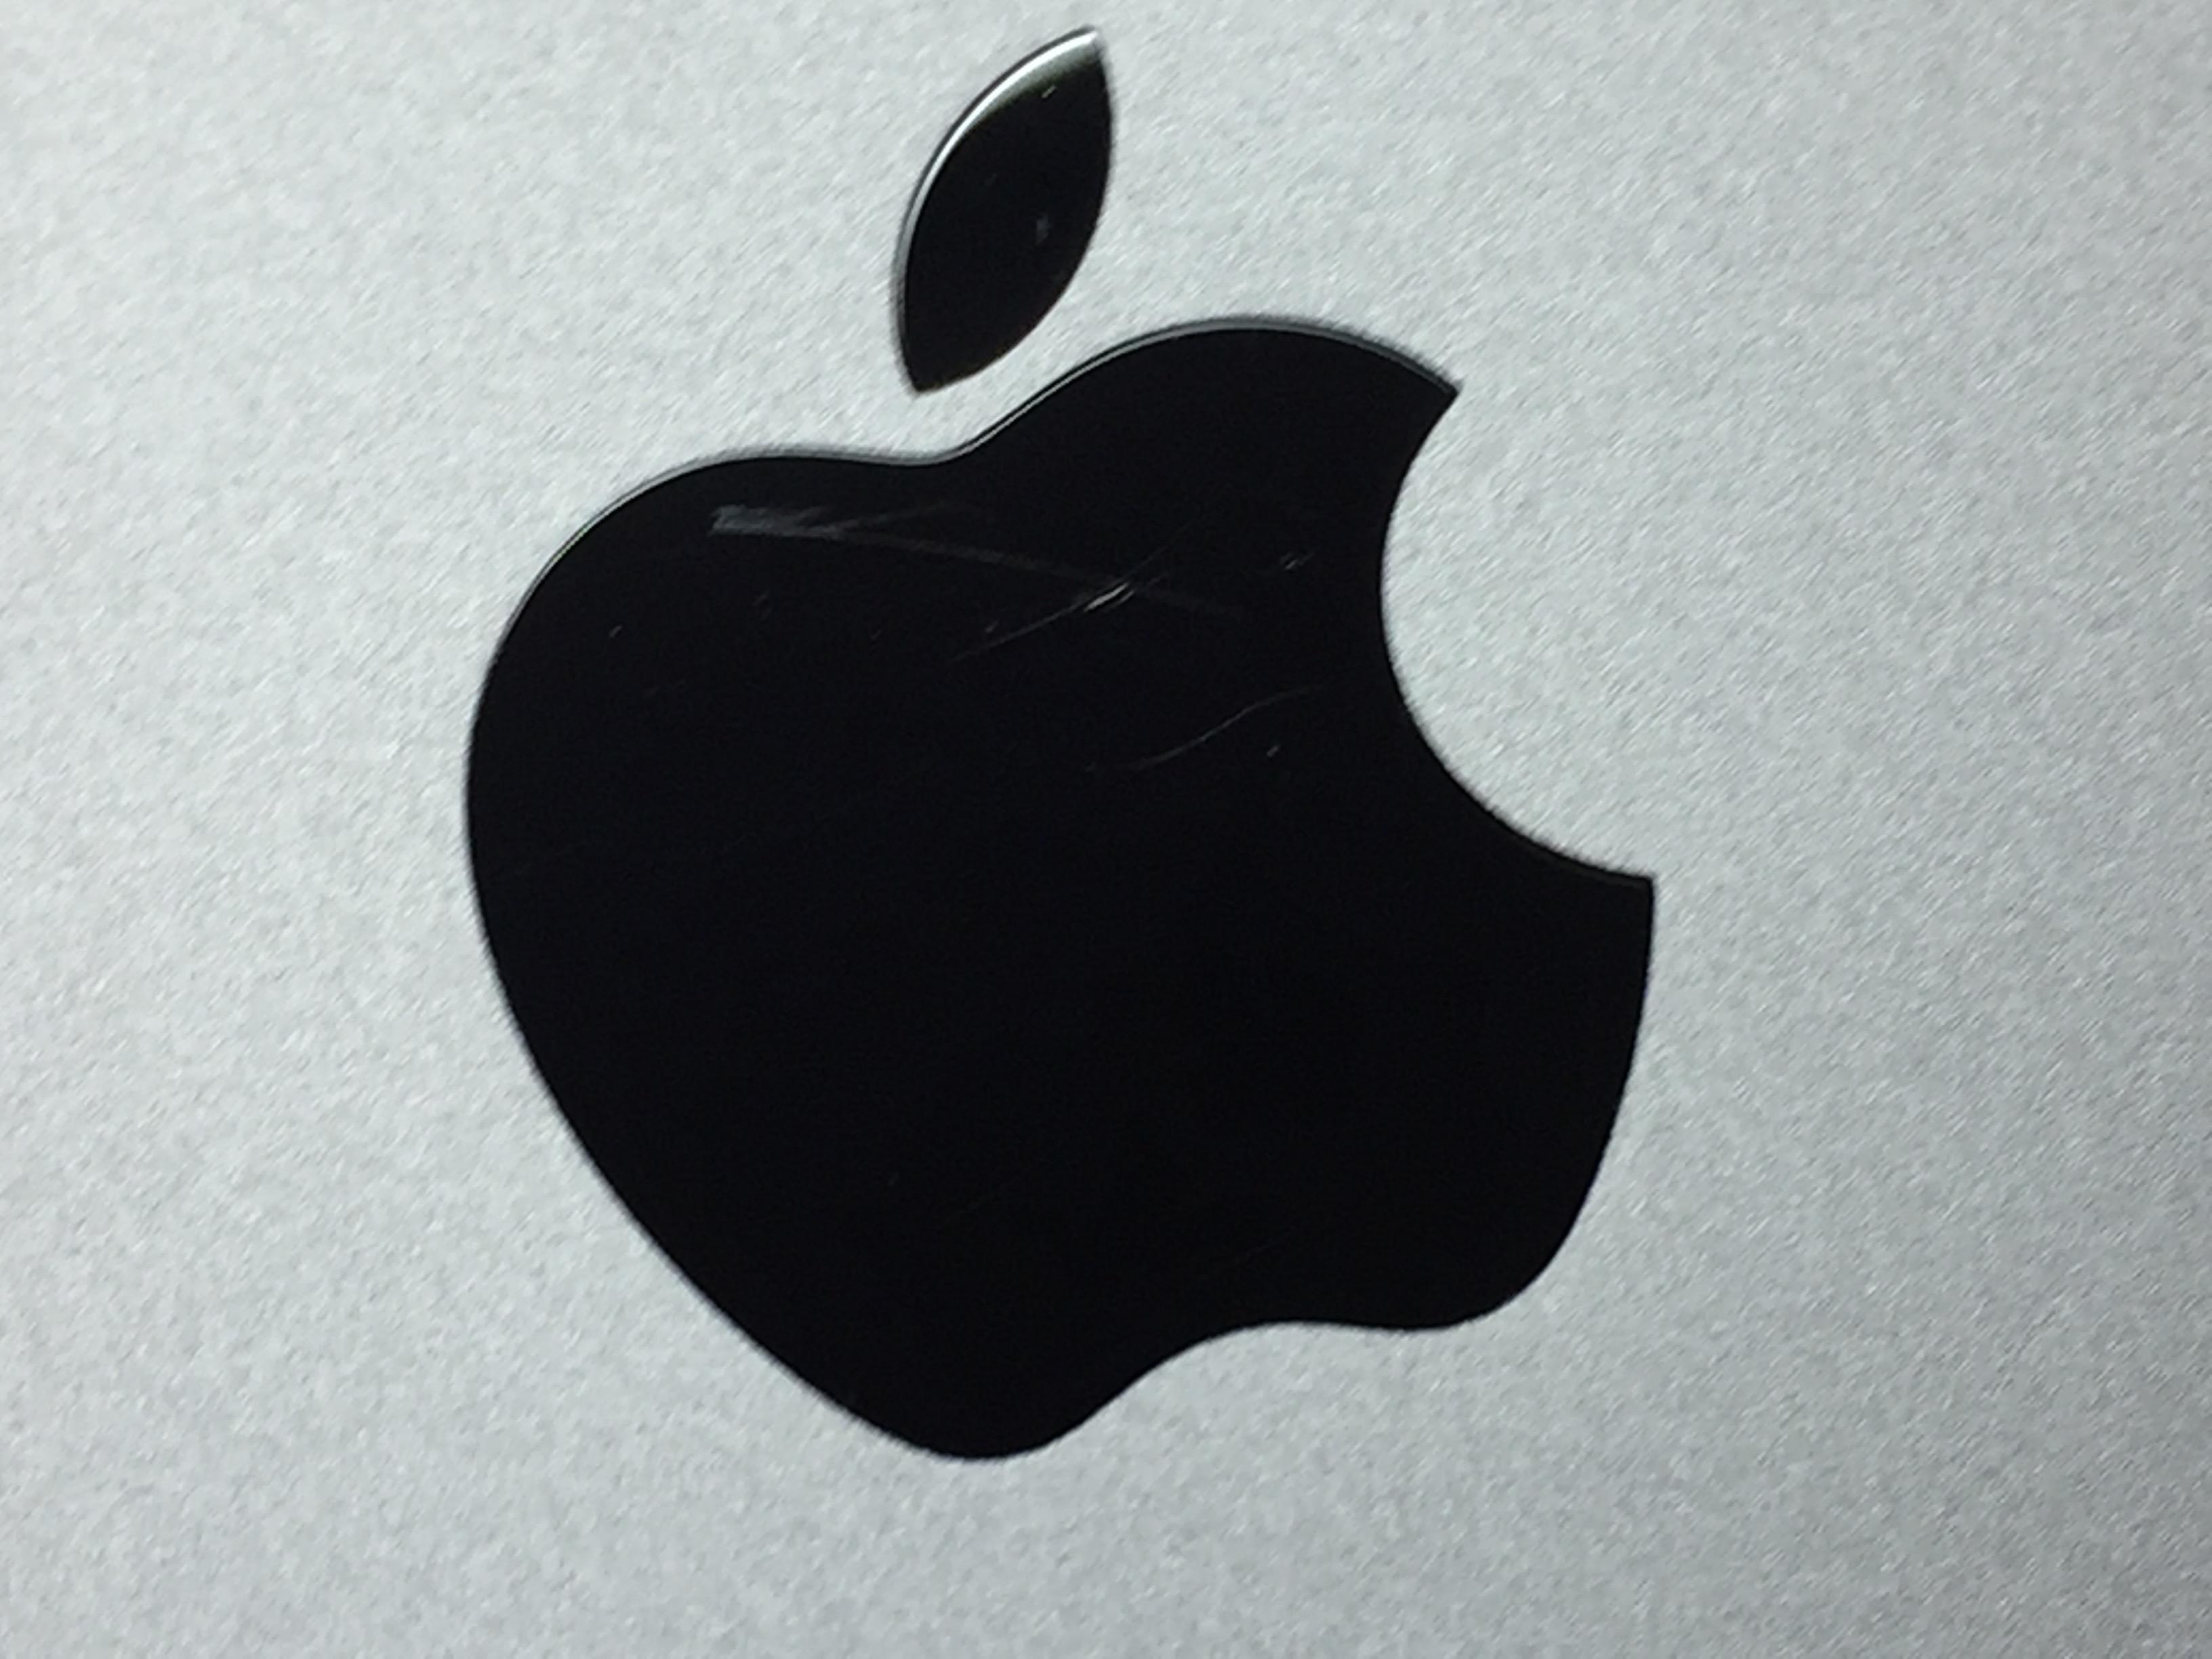 iPhone 6plus, 64 GB, Gris espacial, imagen 3